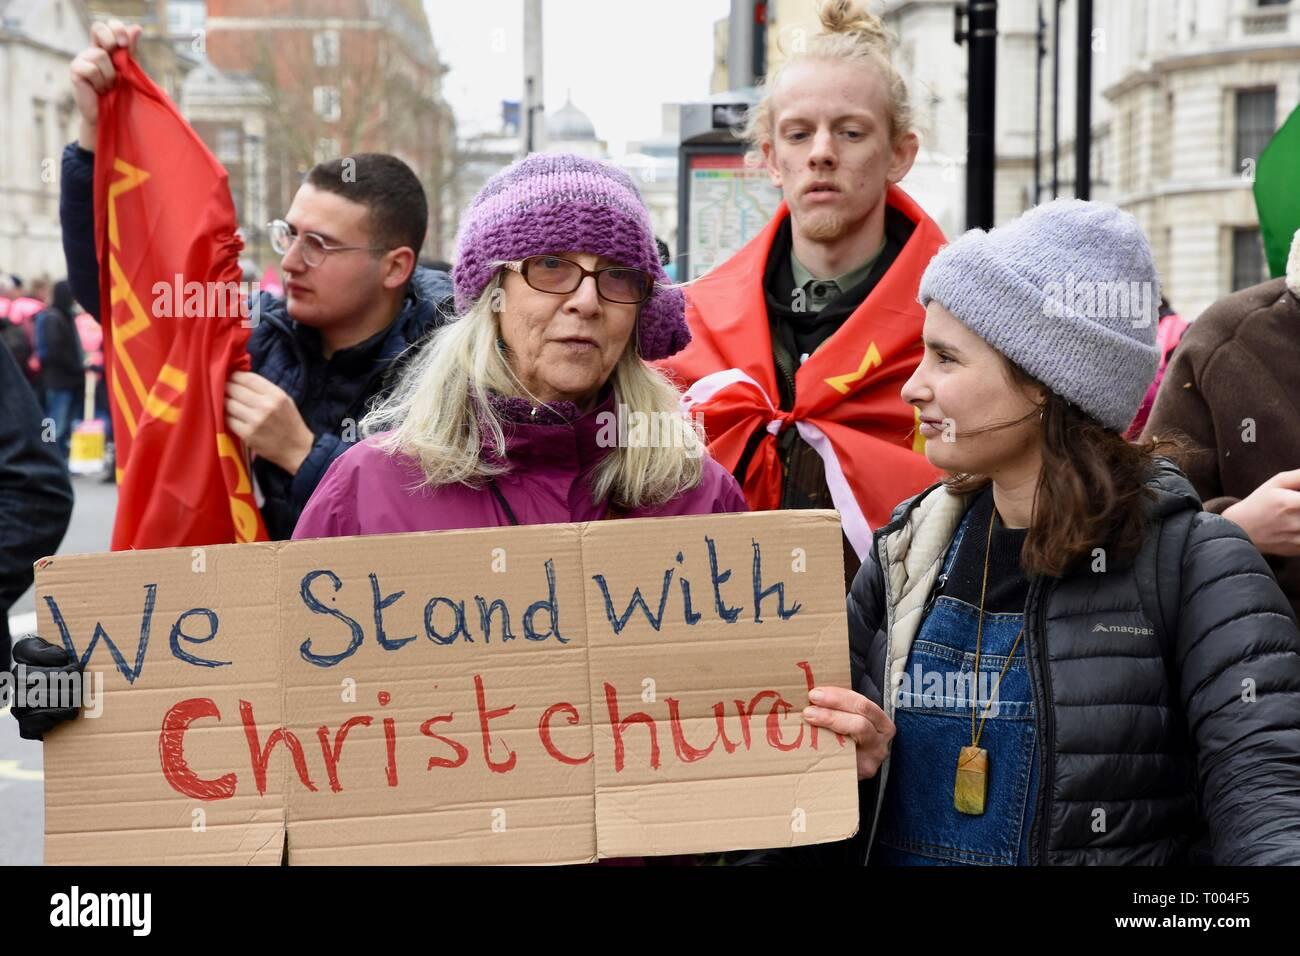 16 de marzo de 2019. Una mujer sostiene una pancarta para mostrar su solidaridad con las víctimas del ataque terrorista de pistola dos mezquitas en Nueva Zelandia.de las Naciones Unidas contra el Racismo día manifestación,Whitehall, Londres.UK Imagen De Stock